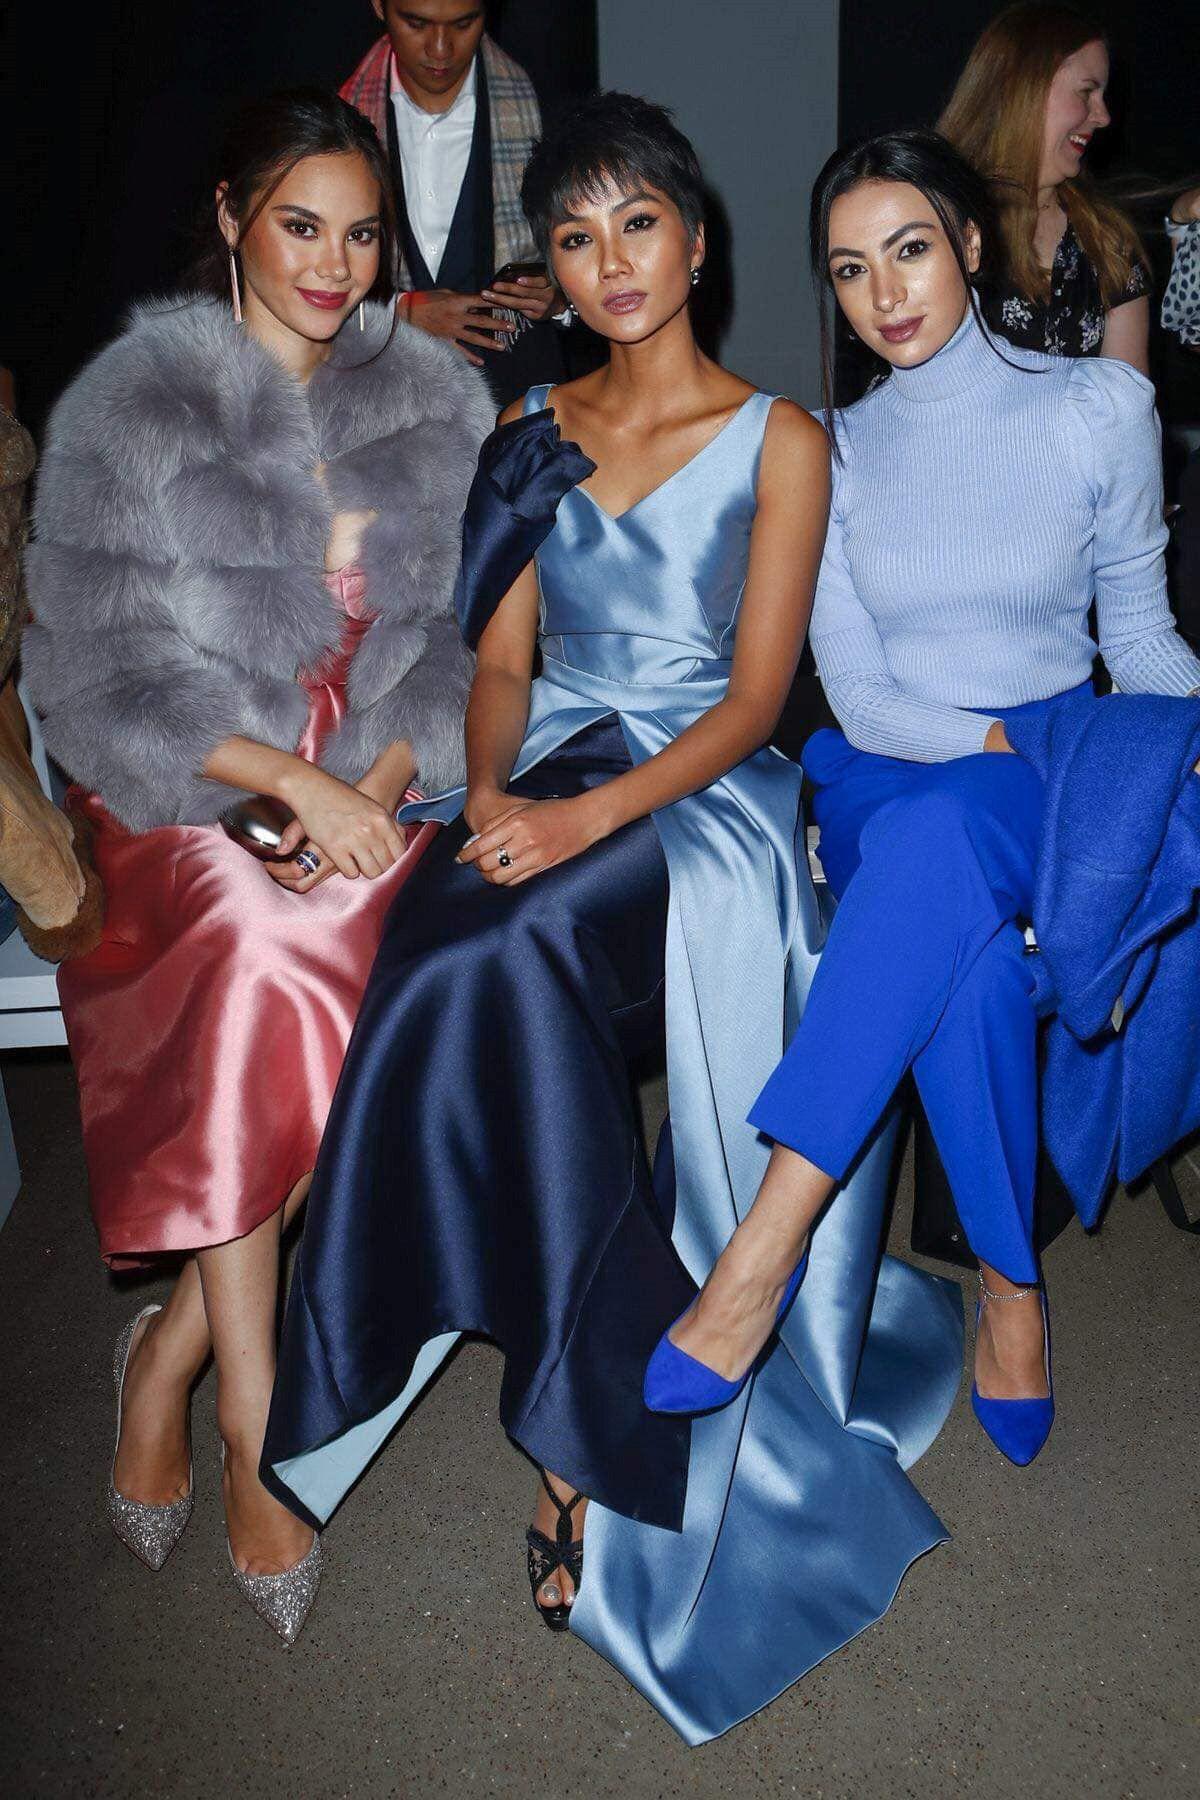 H'Hen Niê hội ngộ Hoa hậu Hoàn vũ tại Tuần lễ Thời trang New York Ảnh 1